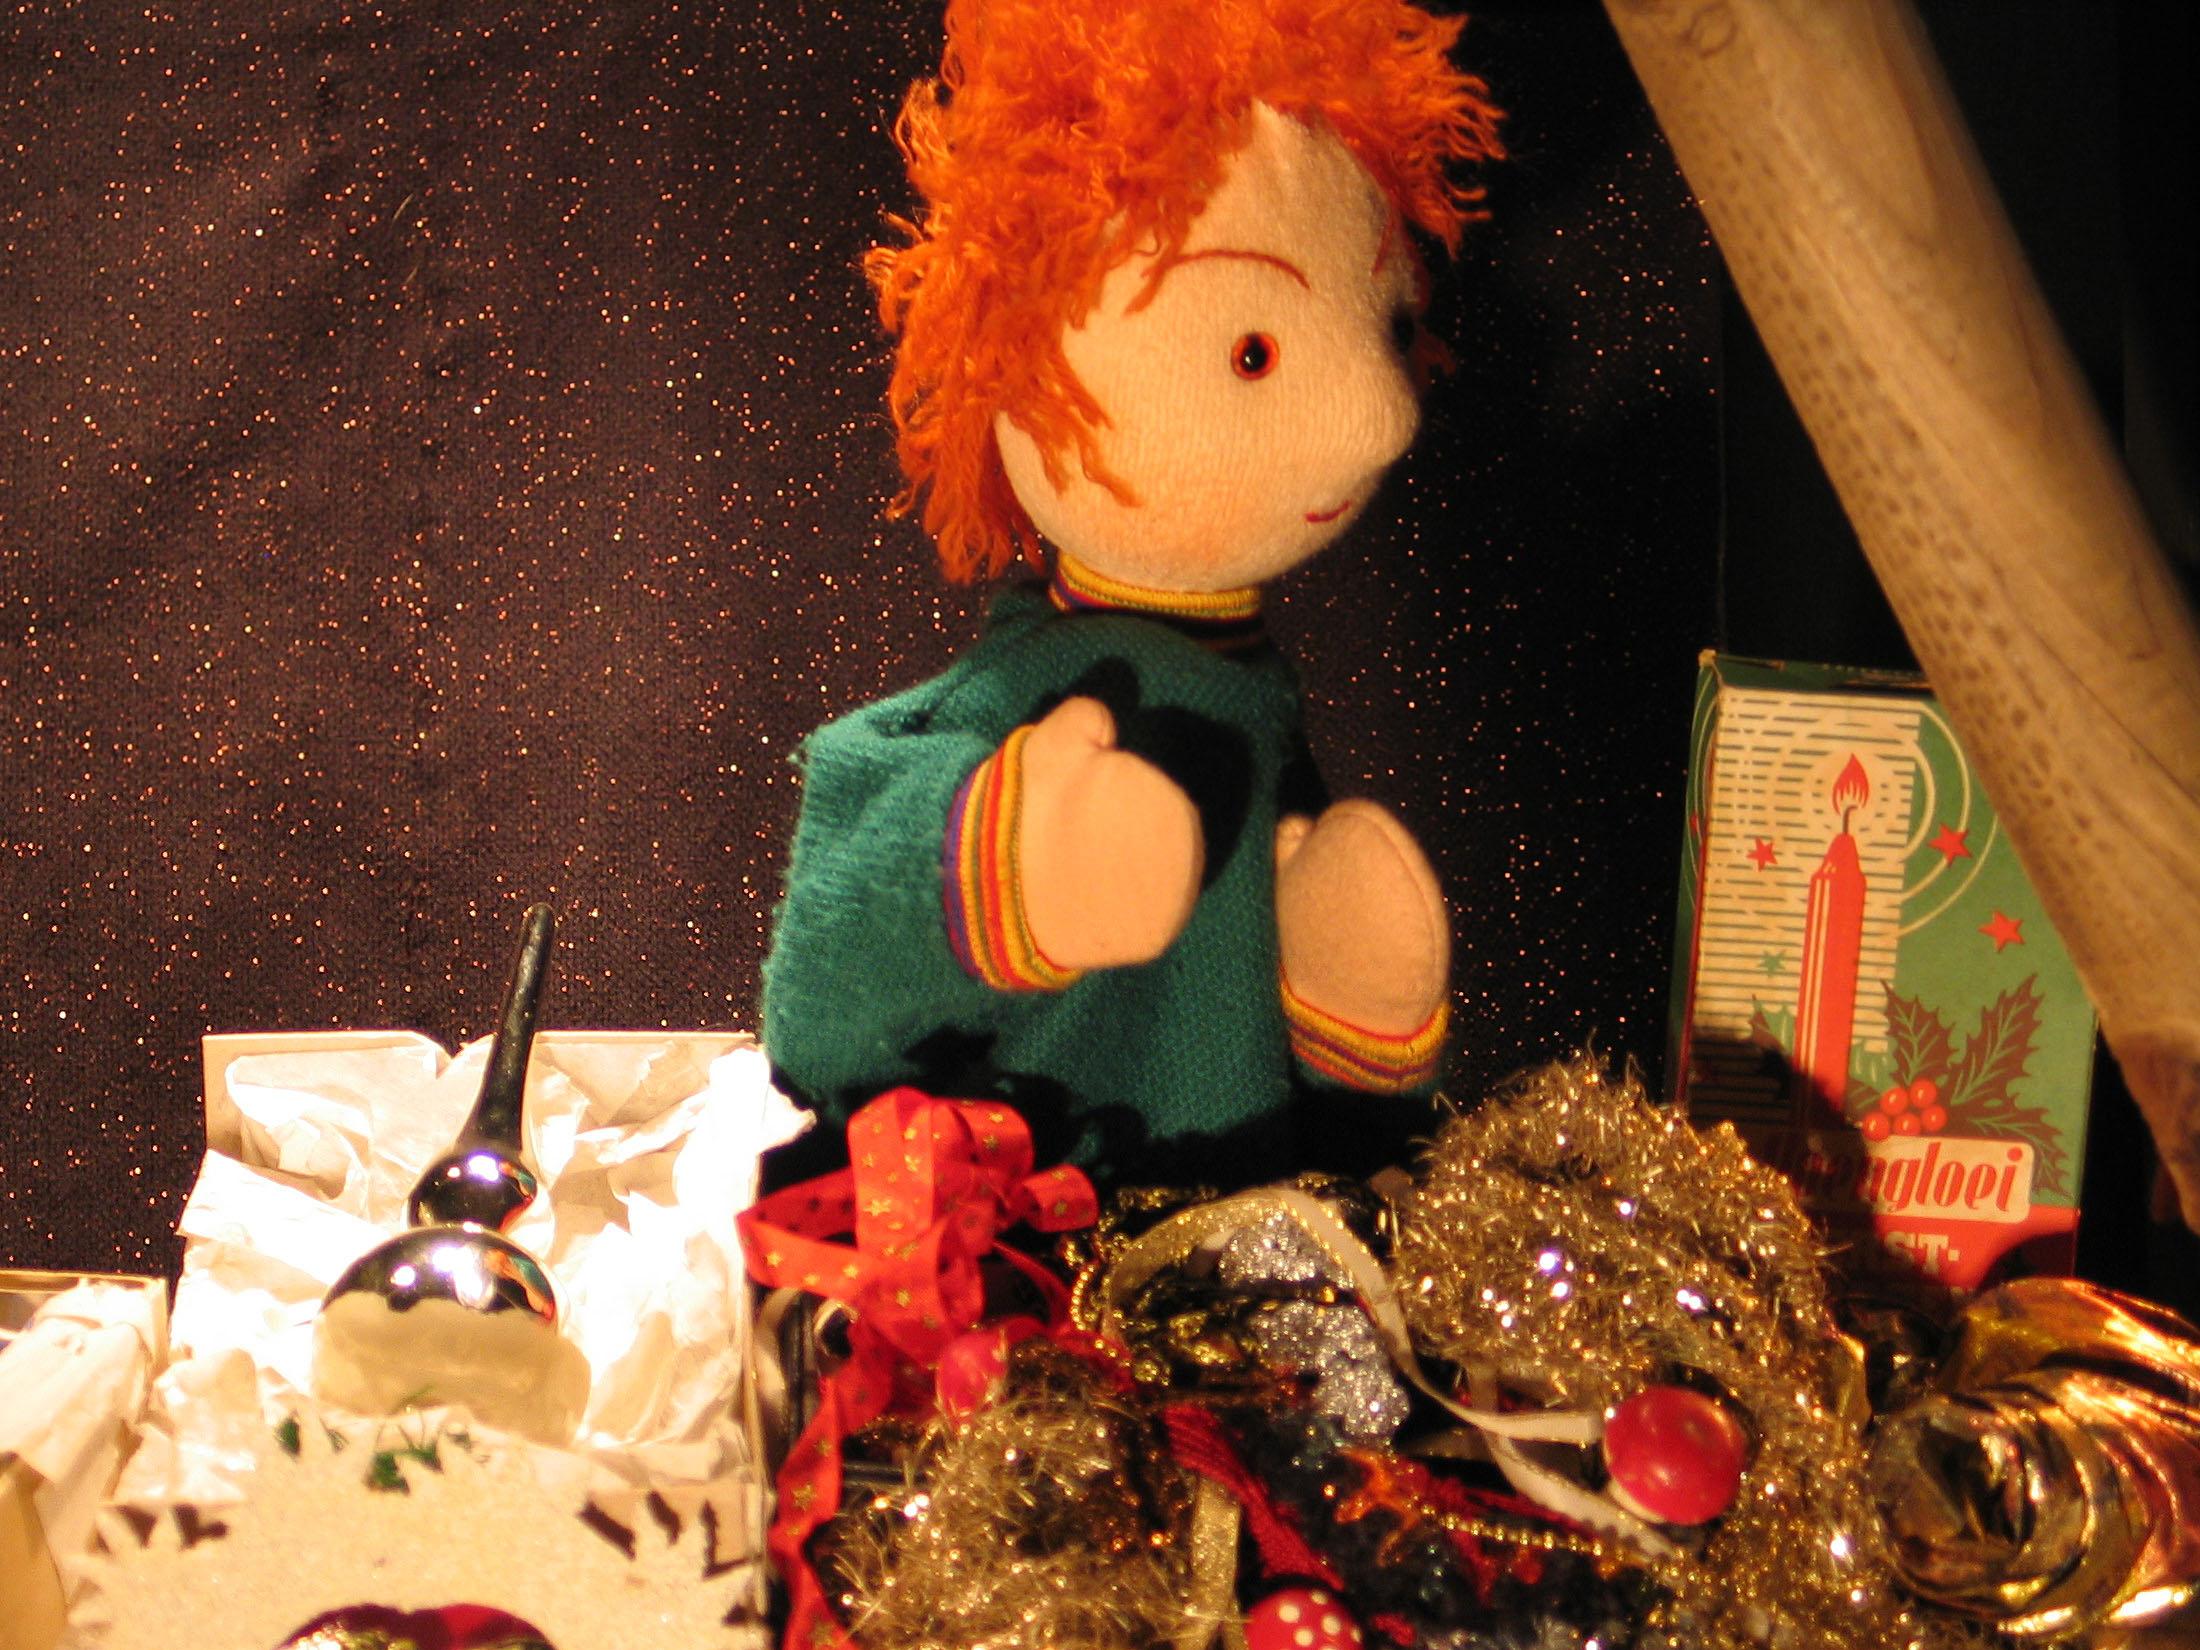 Bij Poppentheater Bergen wordt ieder jaar traditioneel 'Het Kerstengeltje' opgevoerd. (foto: Aangeleverd)